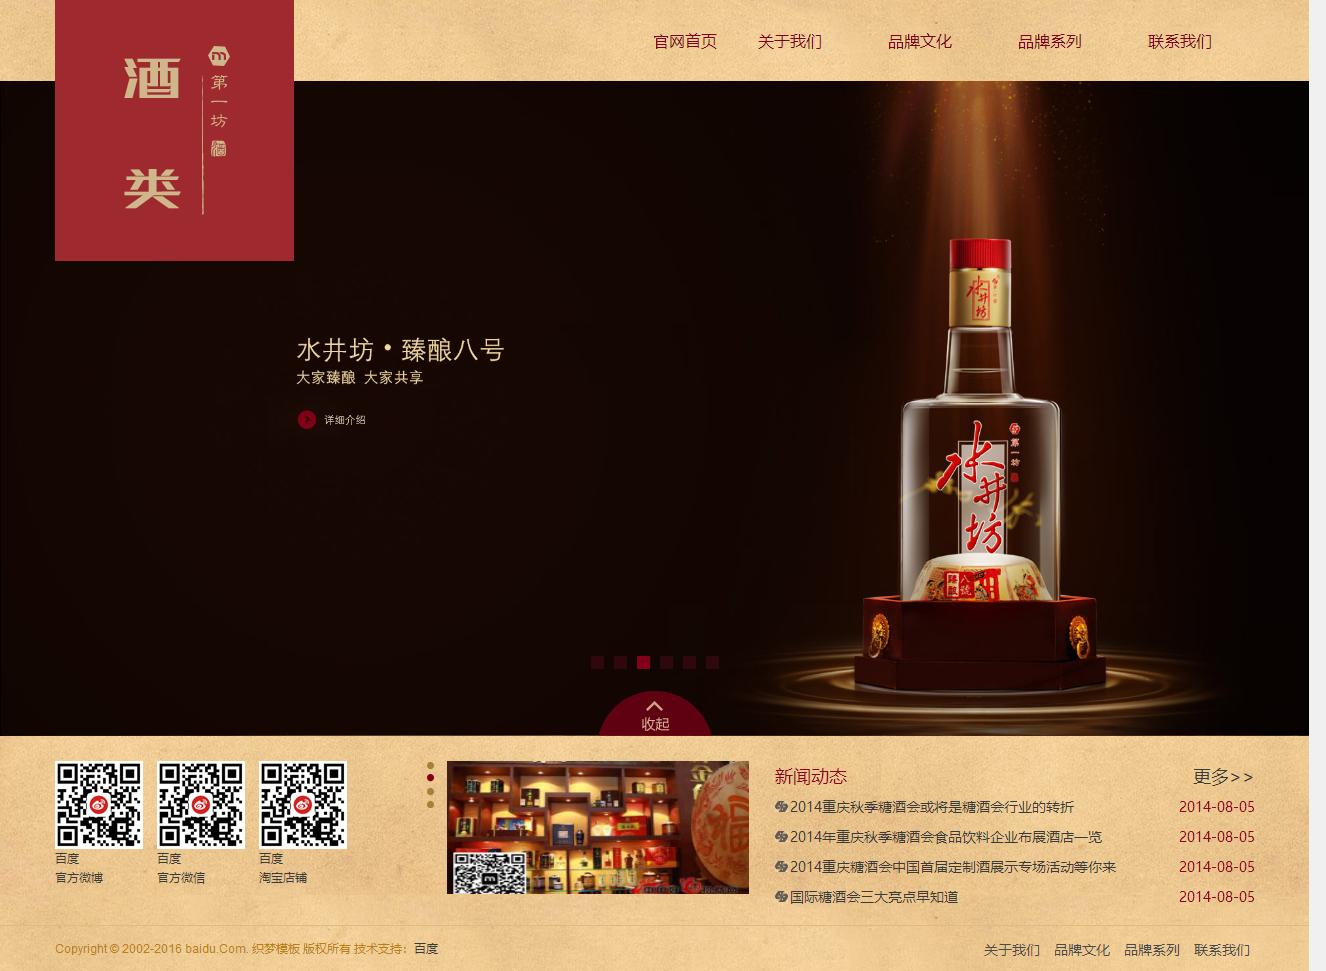 白酒酒类产品展示类企业网站织梦dedecms模板(带手机端)